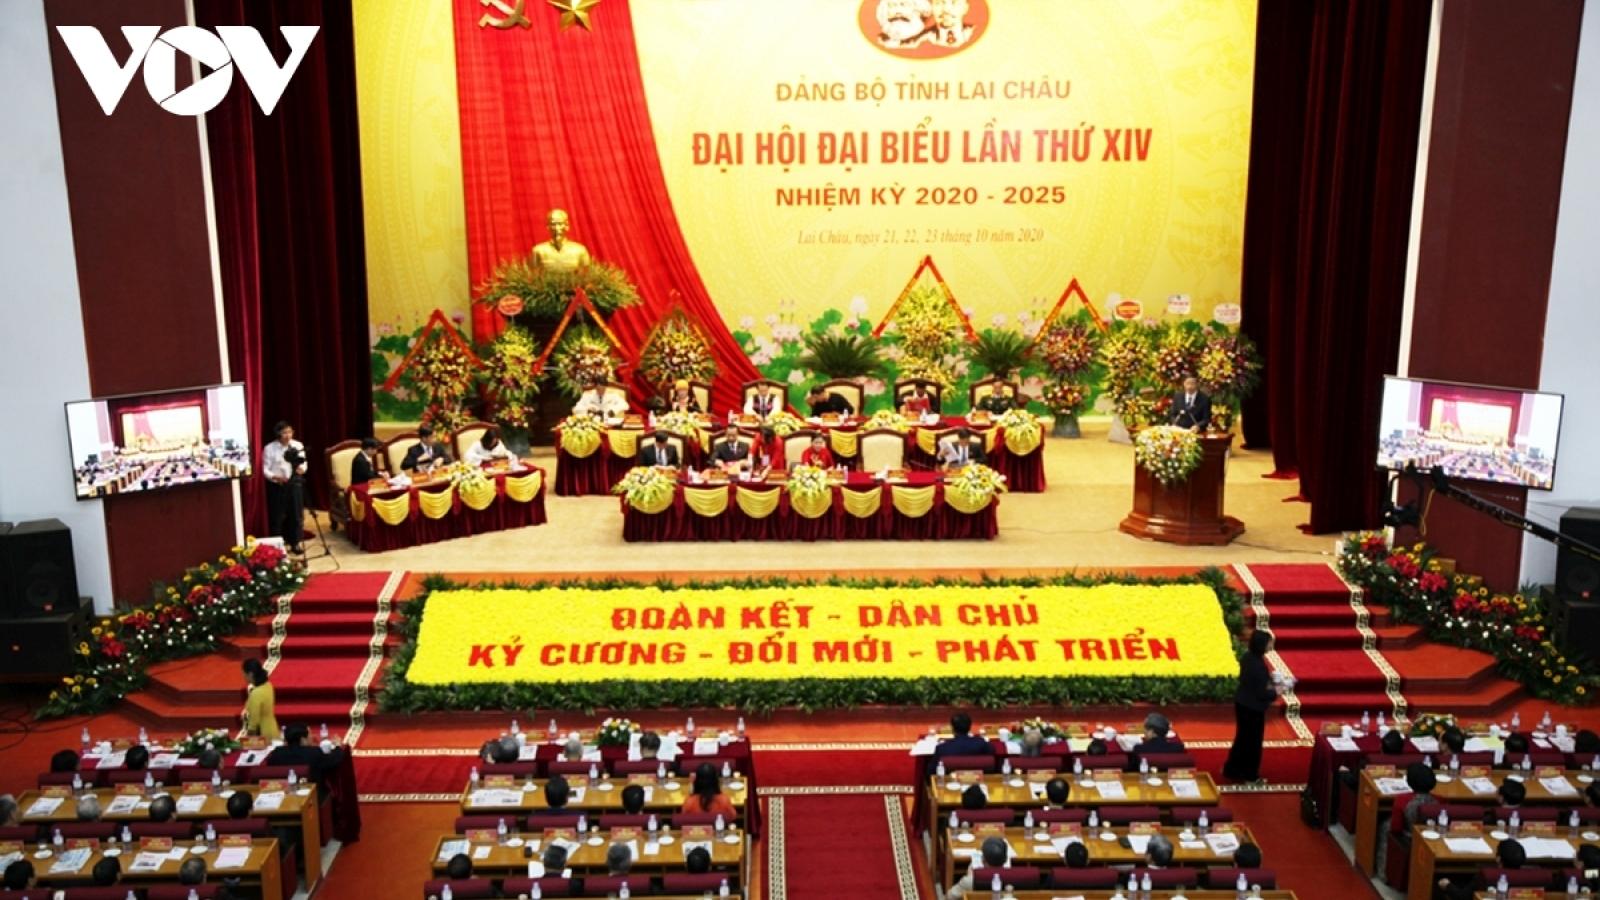 Dư luận Trung Quốc quan tâm về nhân sự Đại hội 13 của Đảng Cộng sản Việt Nam